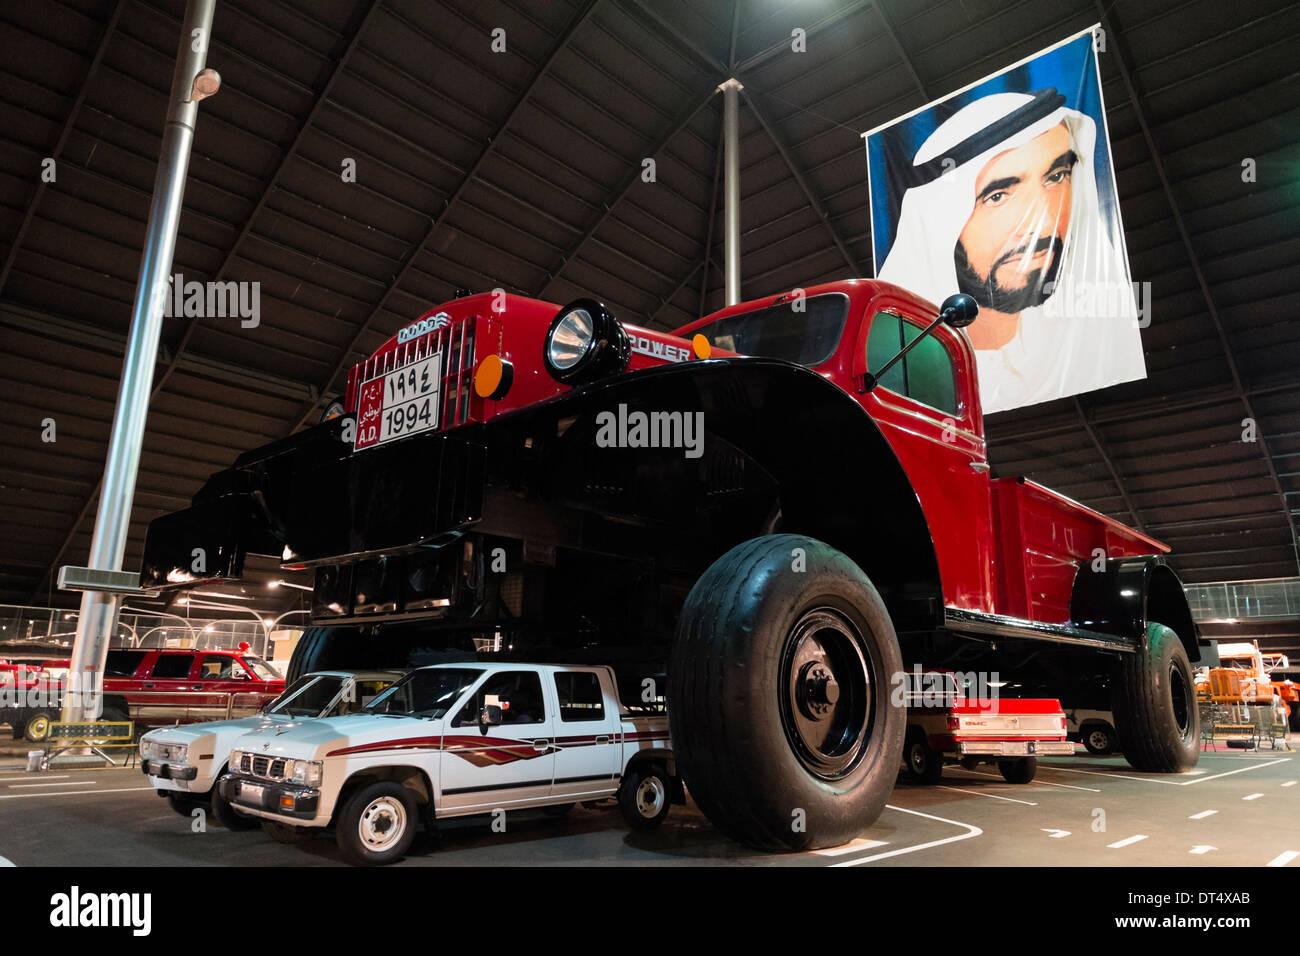 Sehr große Dodge Truck auf dem Display an Emirates National Auto Museum Ouside Abu Dhabi, Vereinigte Arabische Emirate Stockbild